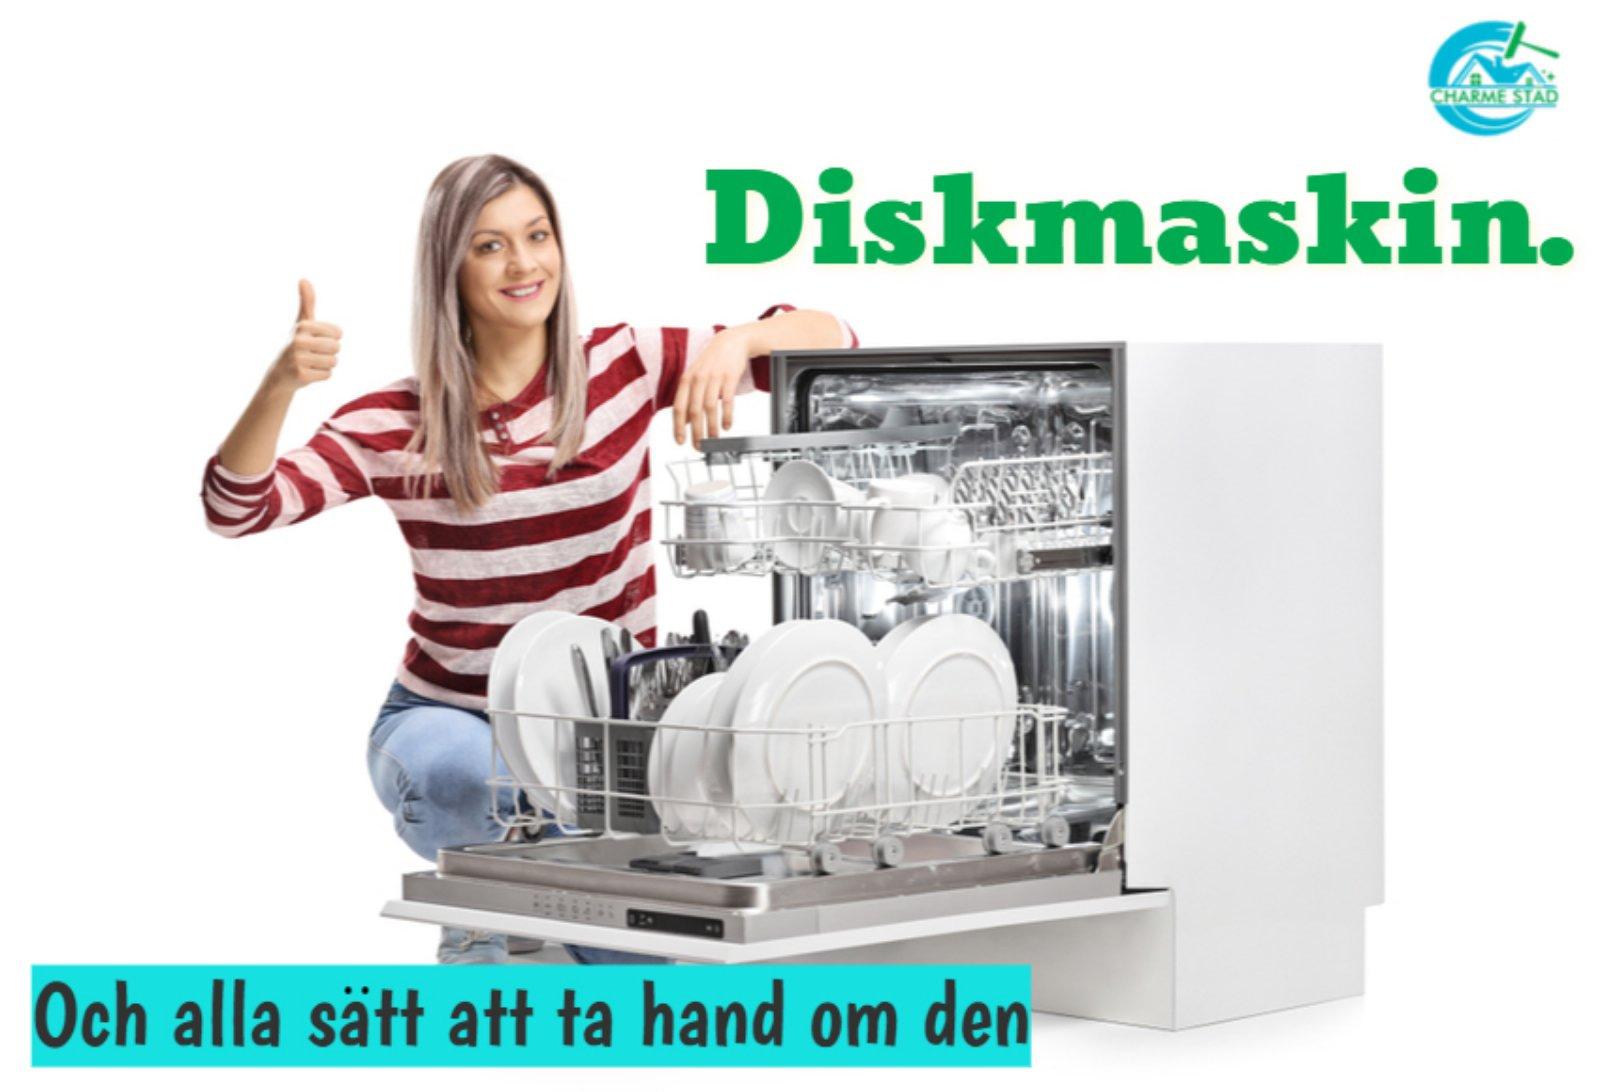 Vill du att din diskmaskin ska fungera perfekt även efter 10 år av användning?